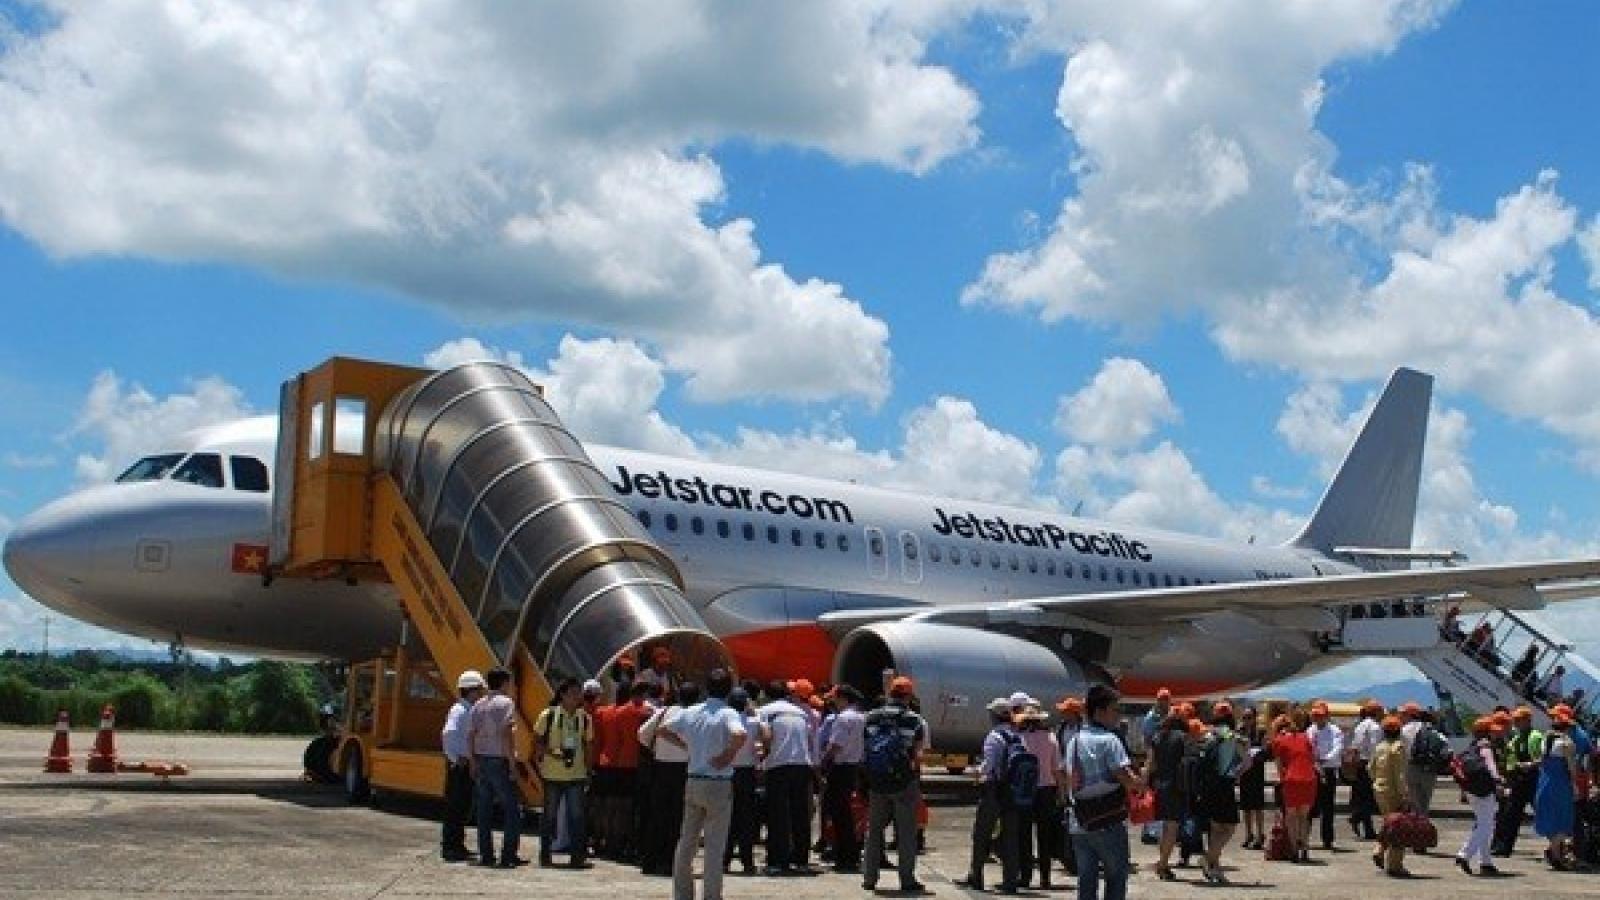 Air routes linking Hanoi, Da Nang and Japan's Osaka launched